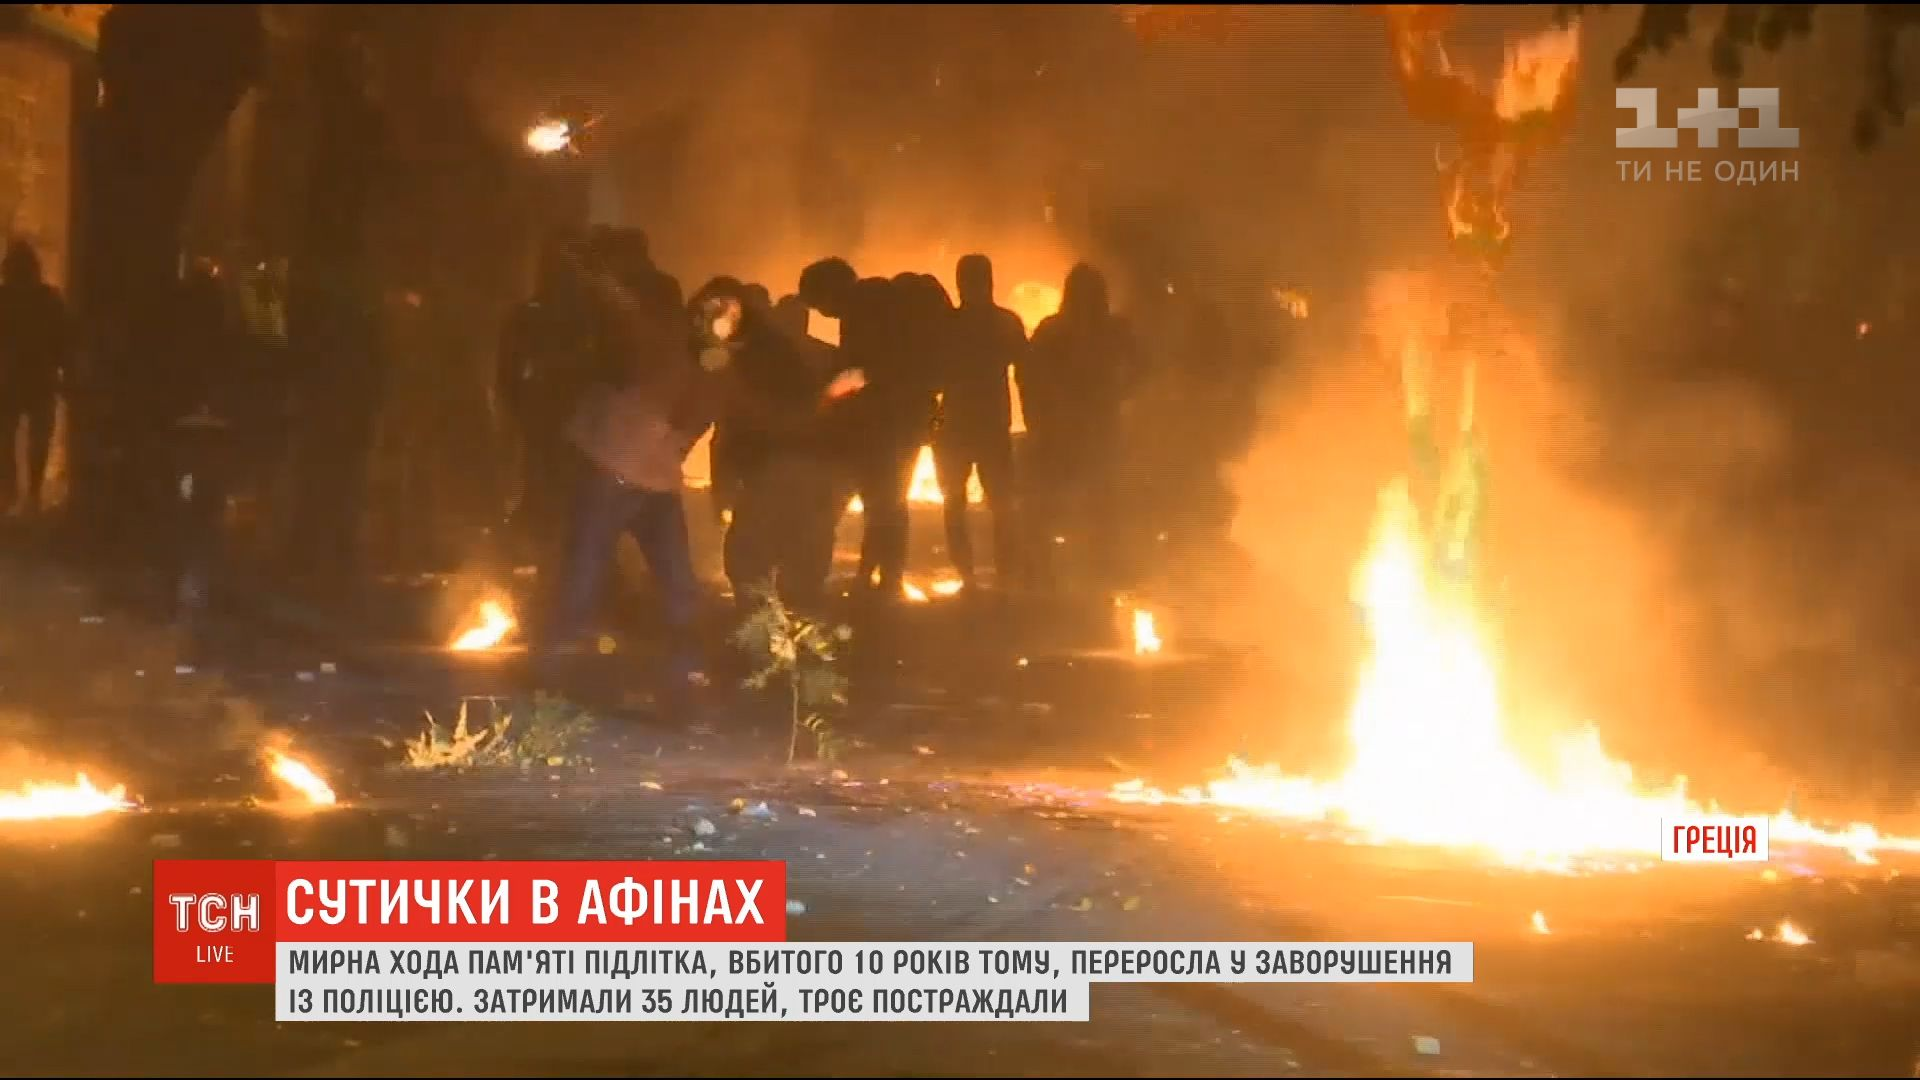 Афінські правоохоронці затримали 35 протестувальників / скріншот